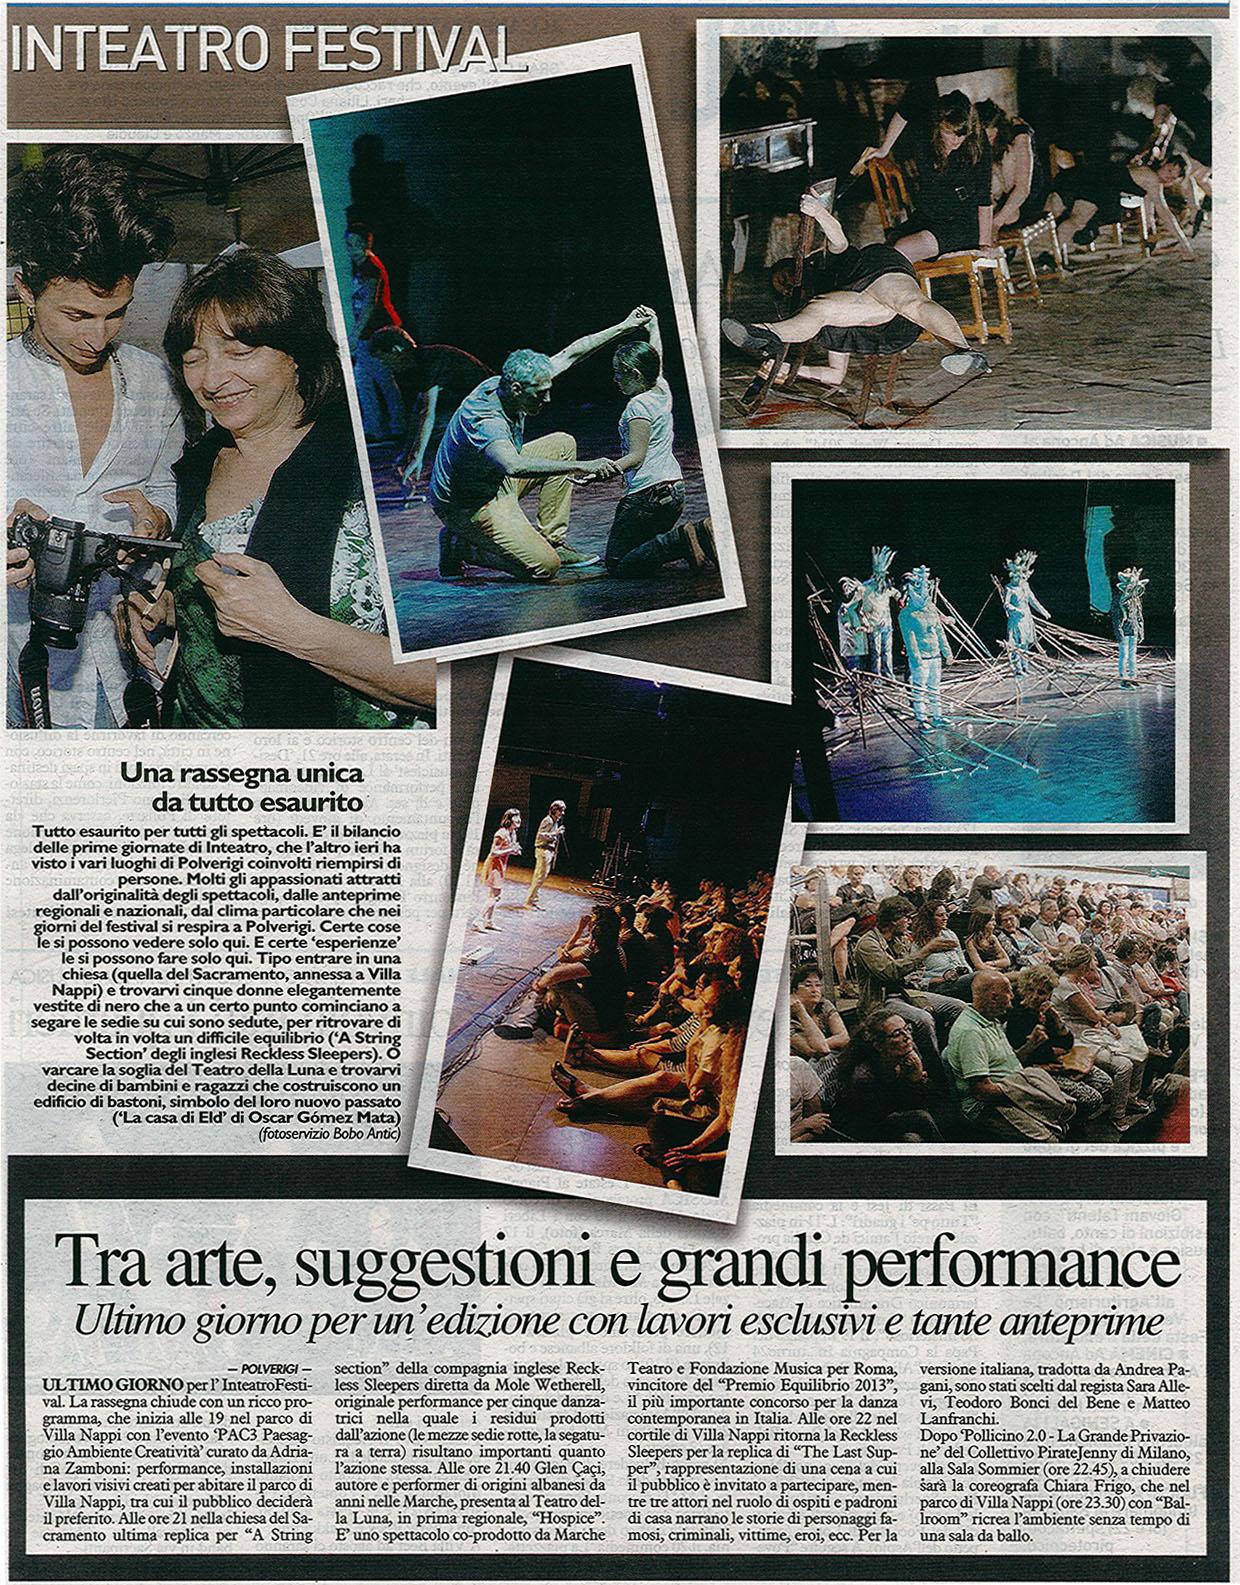 2014.07.05 Inteatro Festival - Il Resto del Carlino